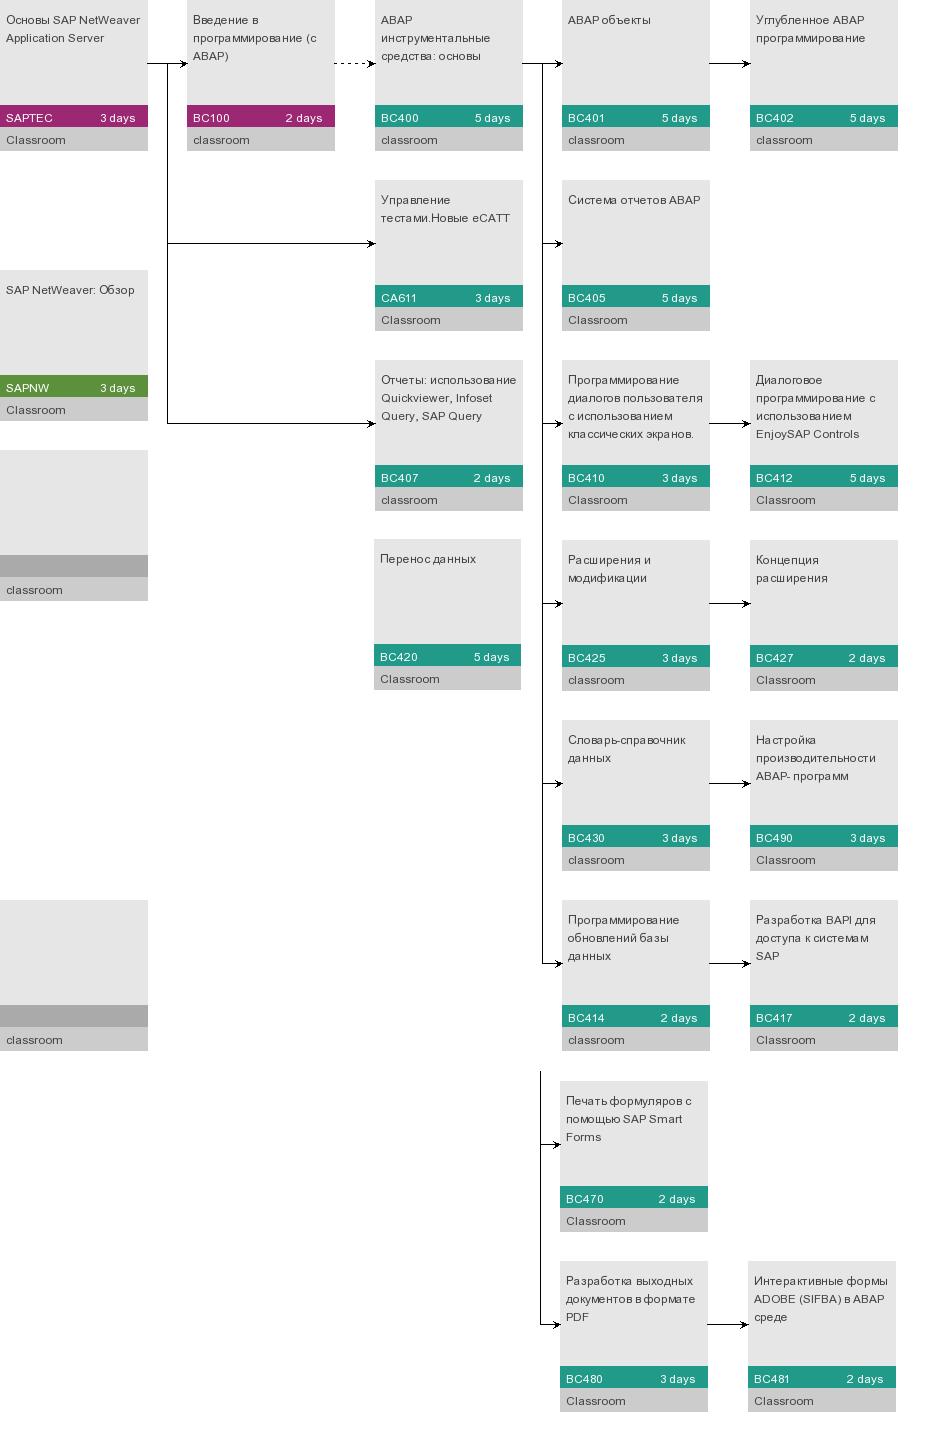 Полезные ресурсы для SAP консультанта: ABAP программирование